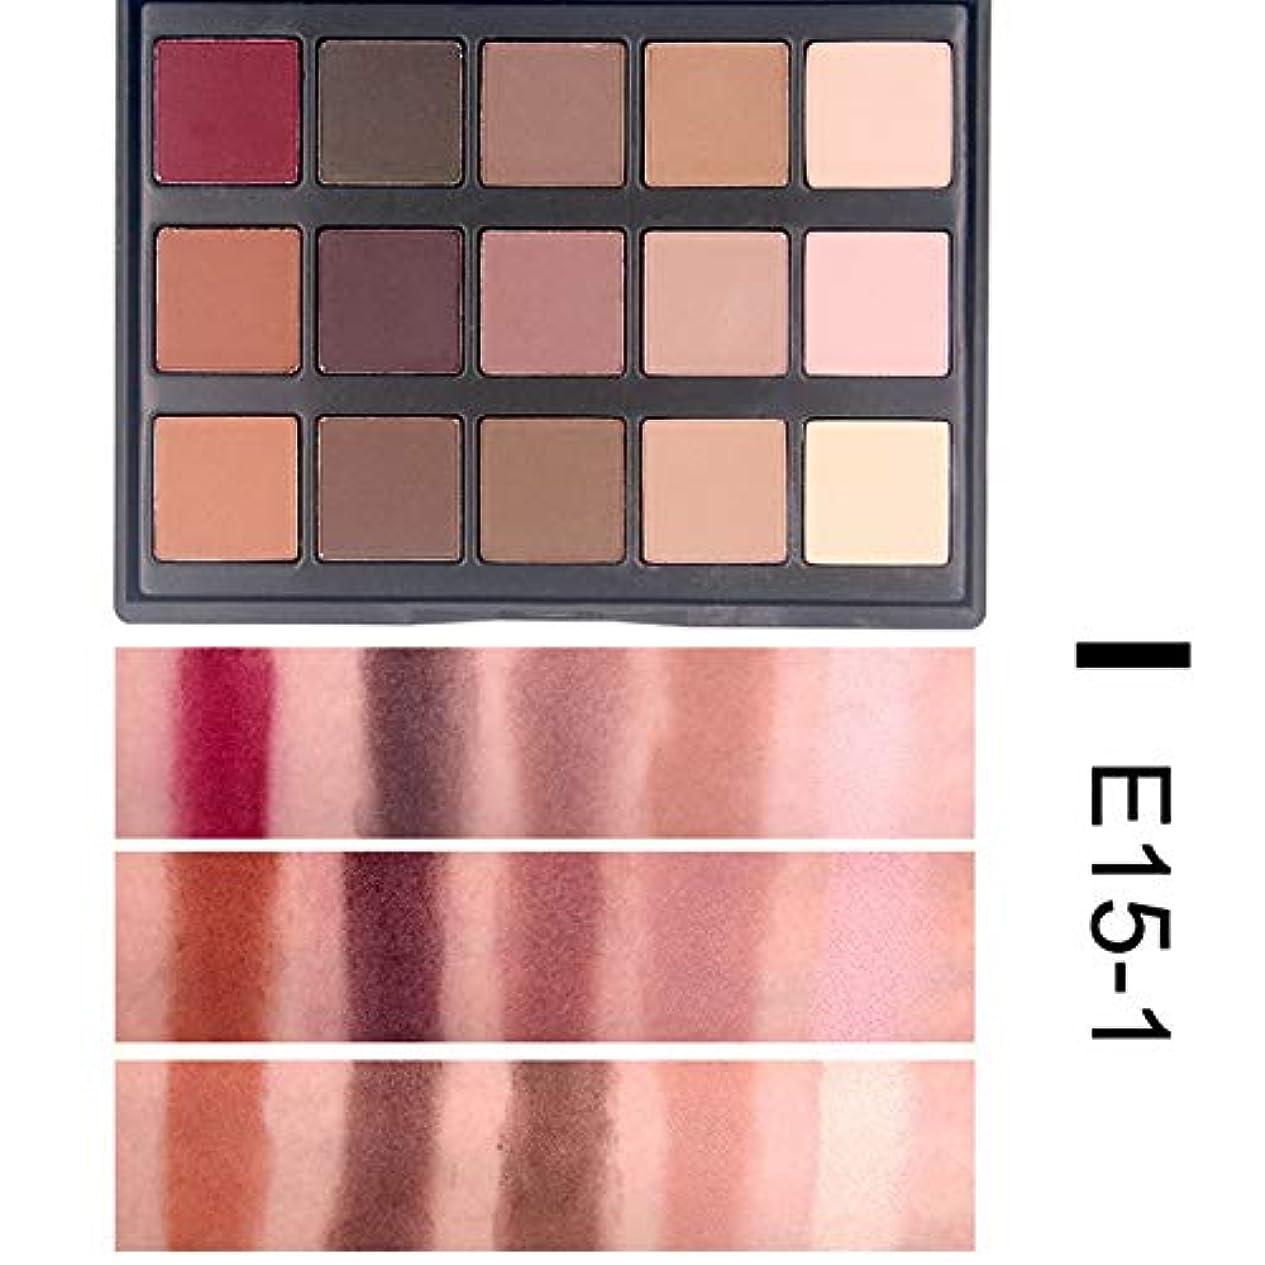 沿ってピザ模索Rabugoo 15色ミニアイシャドウパウダーマットアイシャドウ化粧品メイクアップ EP15#1